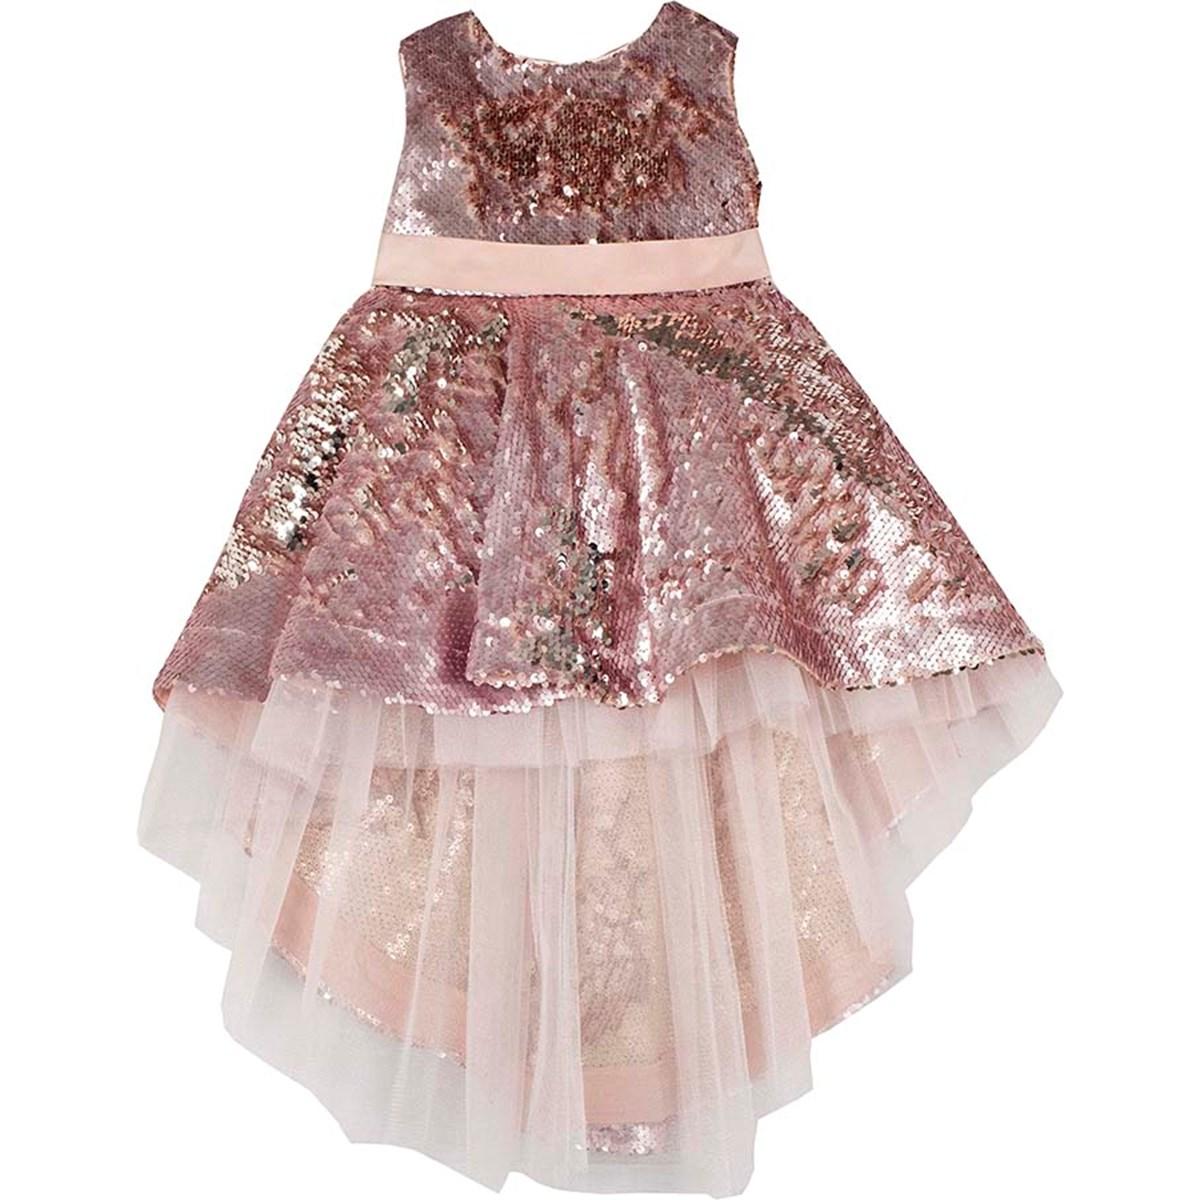 8400 Pullu Elbise 2